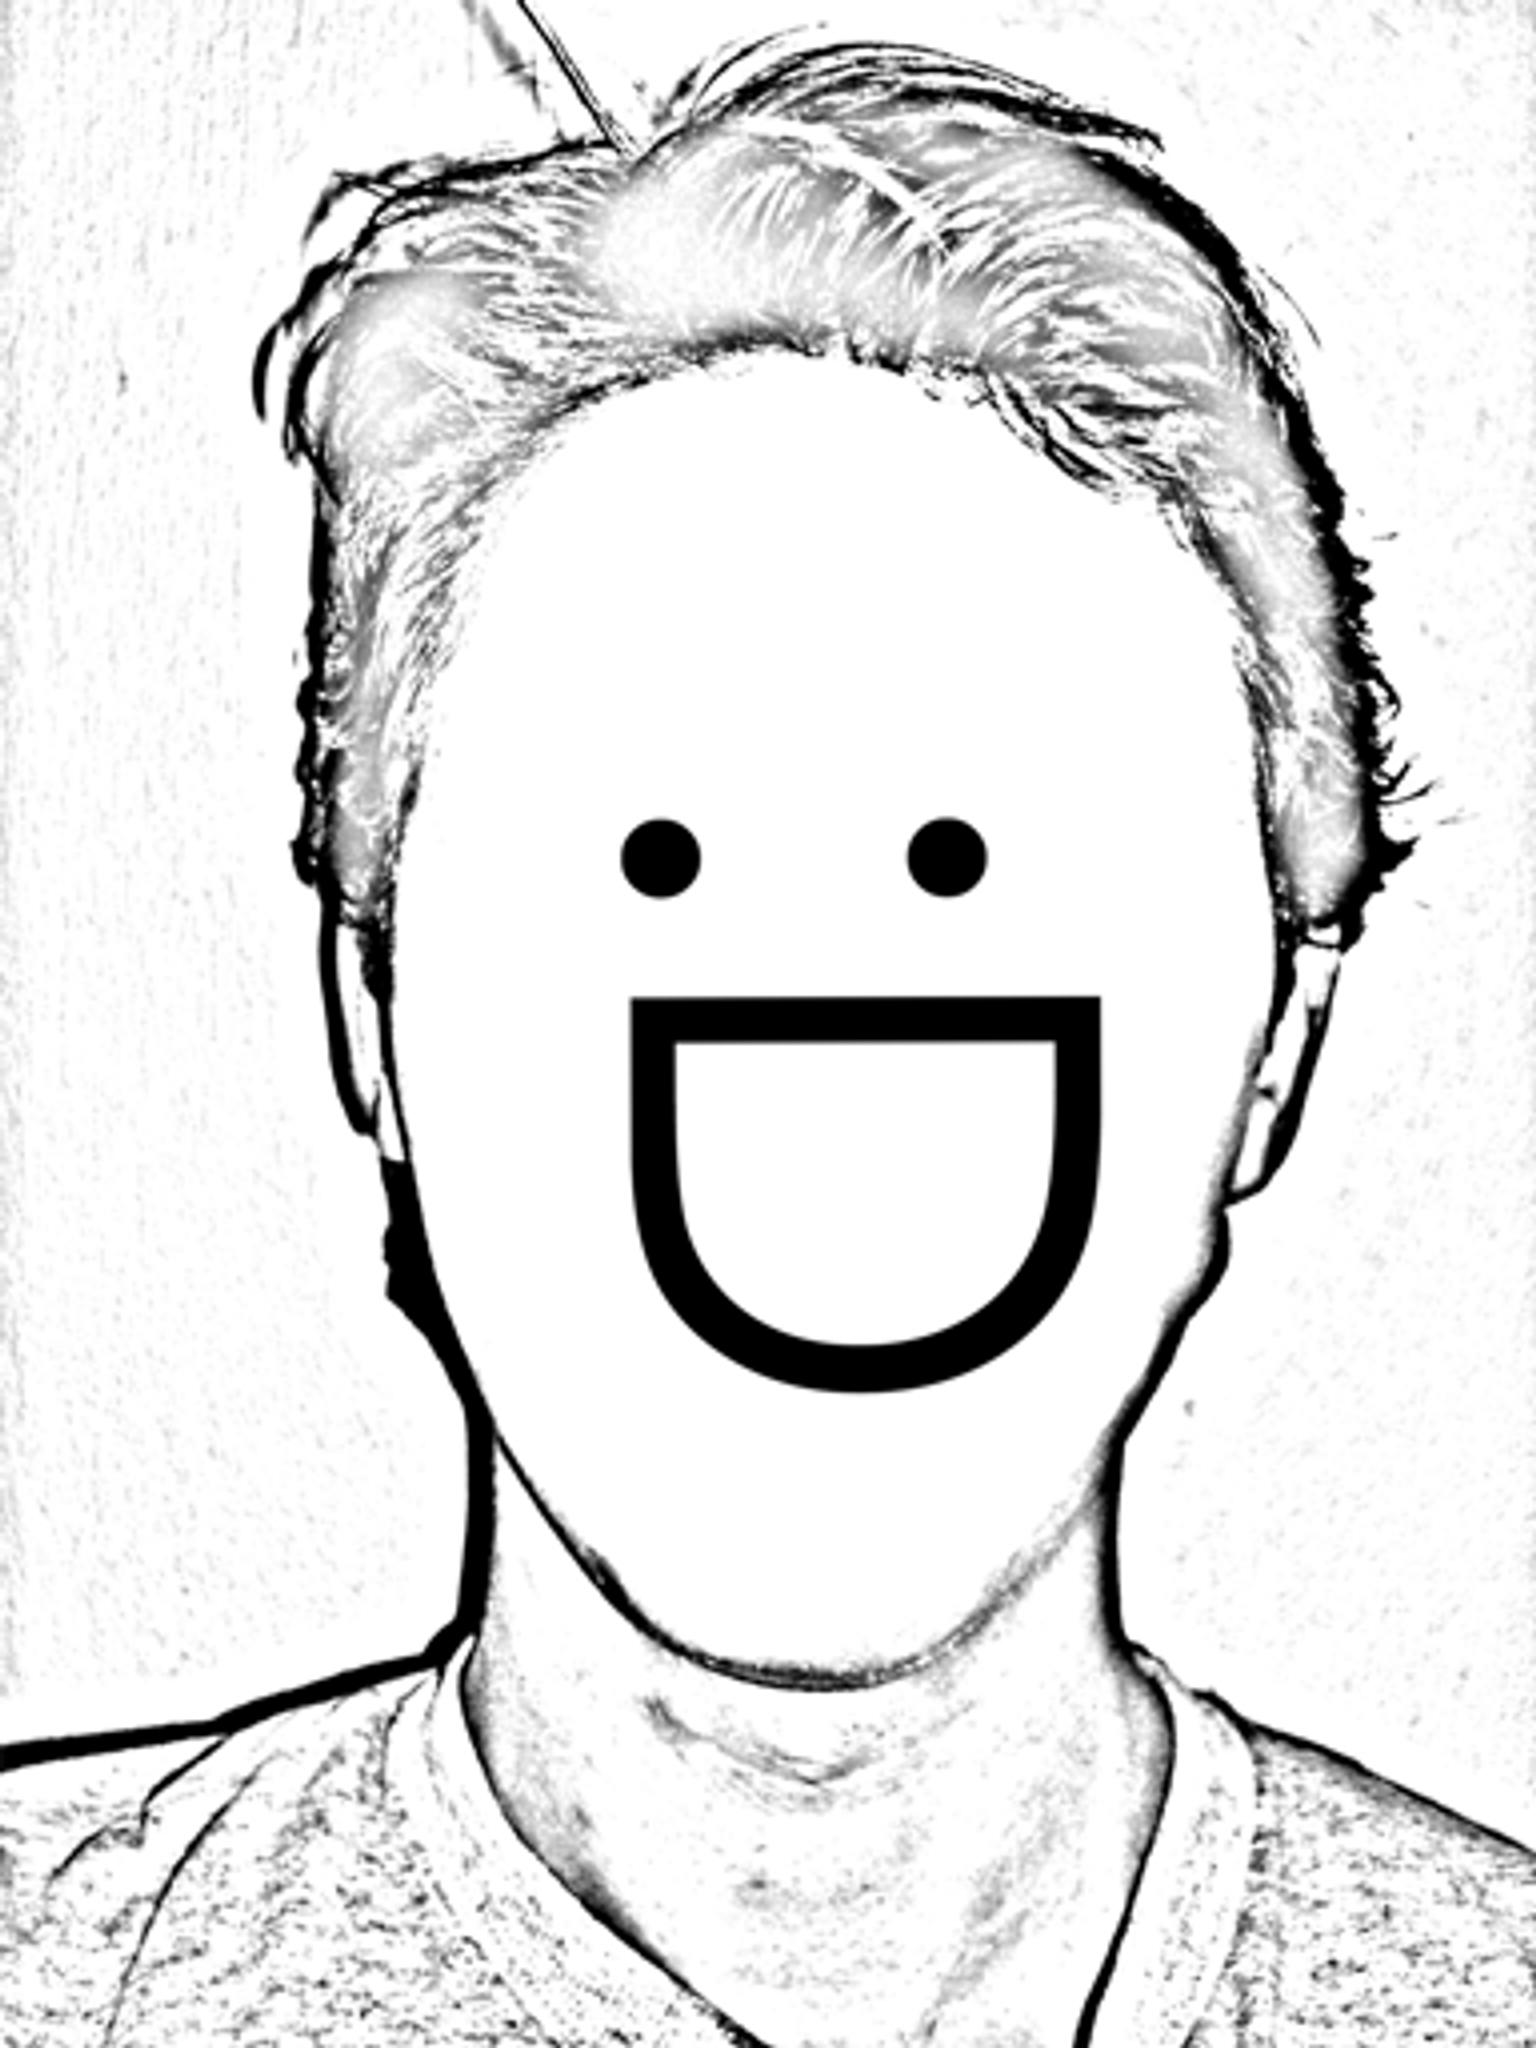 psicofarmaco's Profile Picture